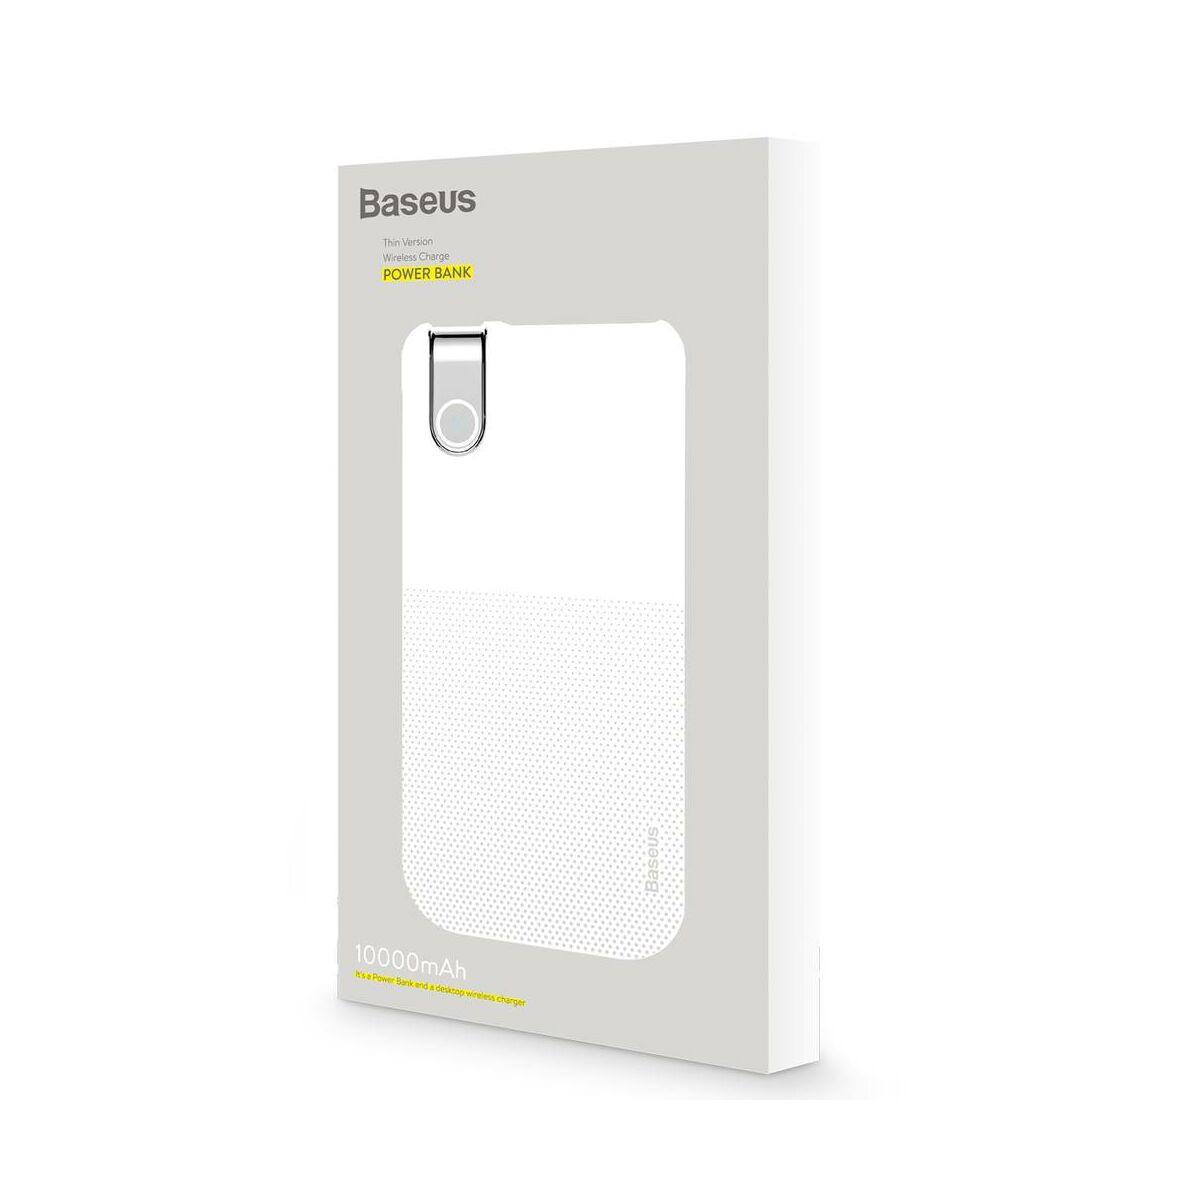 Baseus Power Bank vezeték nélküli töltés Thin Version (Type-C bemenet / USB kimenet), 2.1A, 10.000 mAh, fehér (PPALL-QY02)